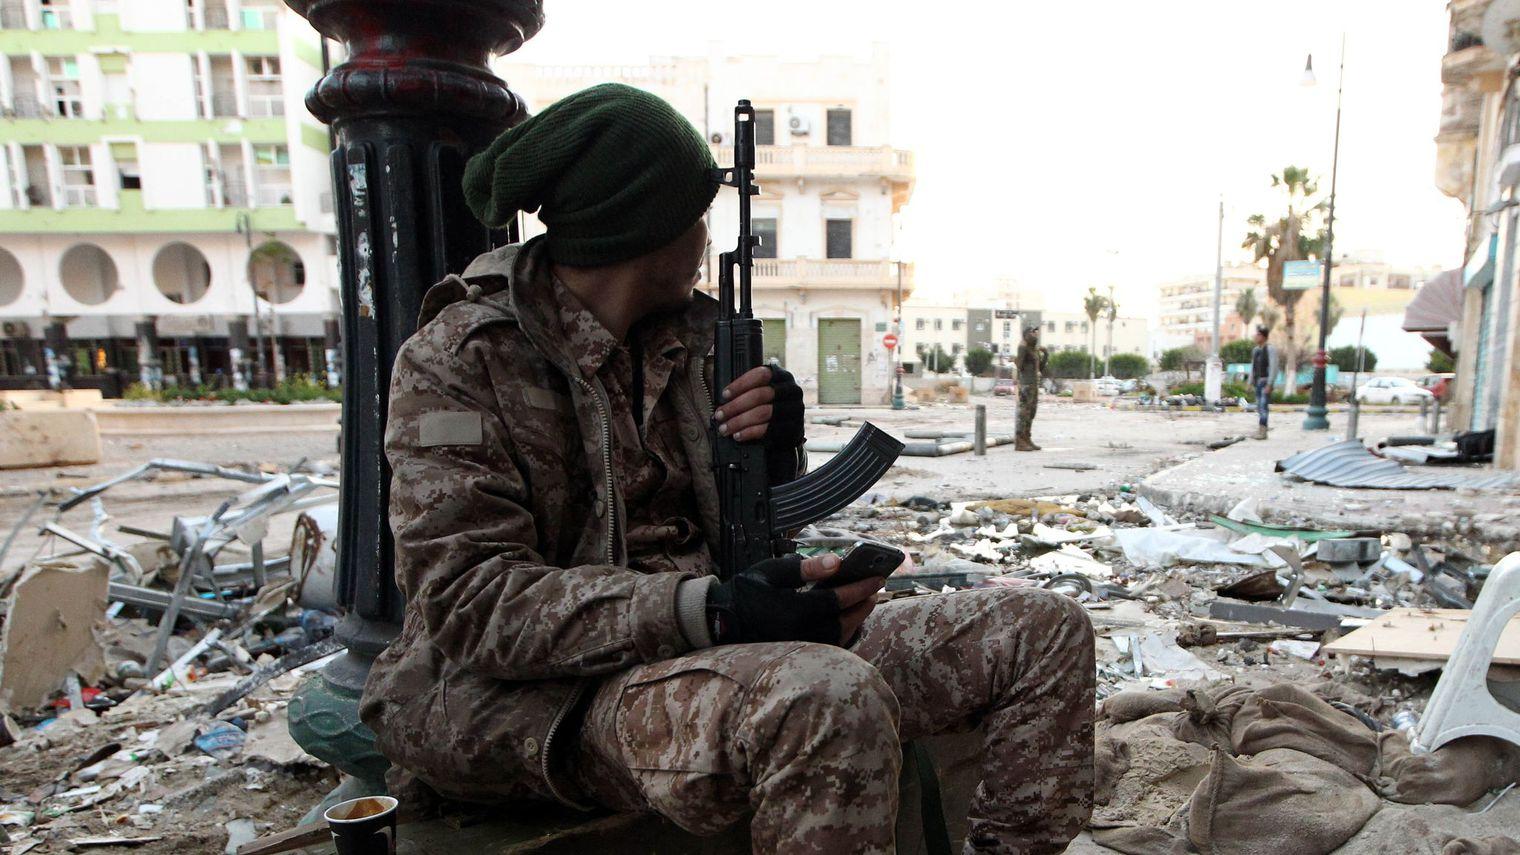 الجيش الوطني تصوير : عبدالله دومة